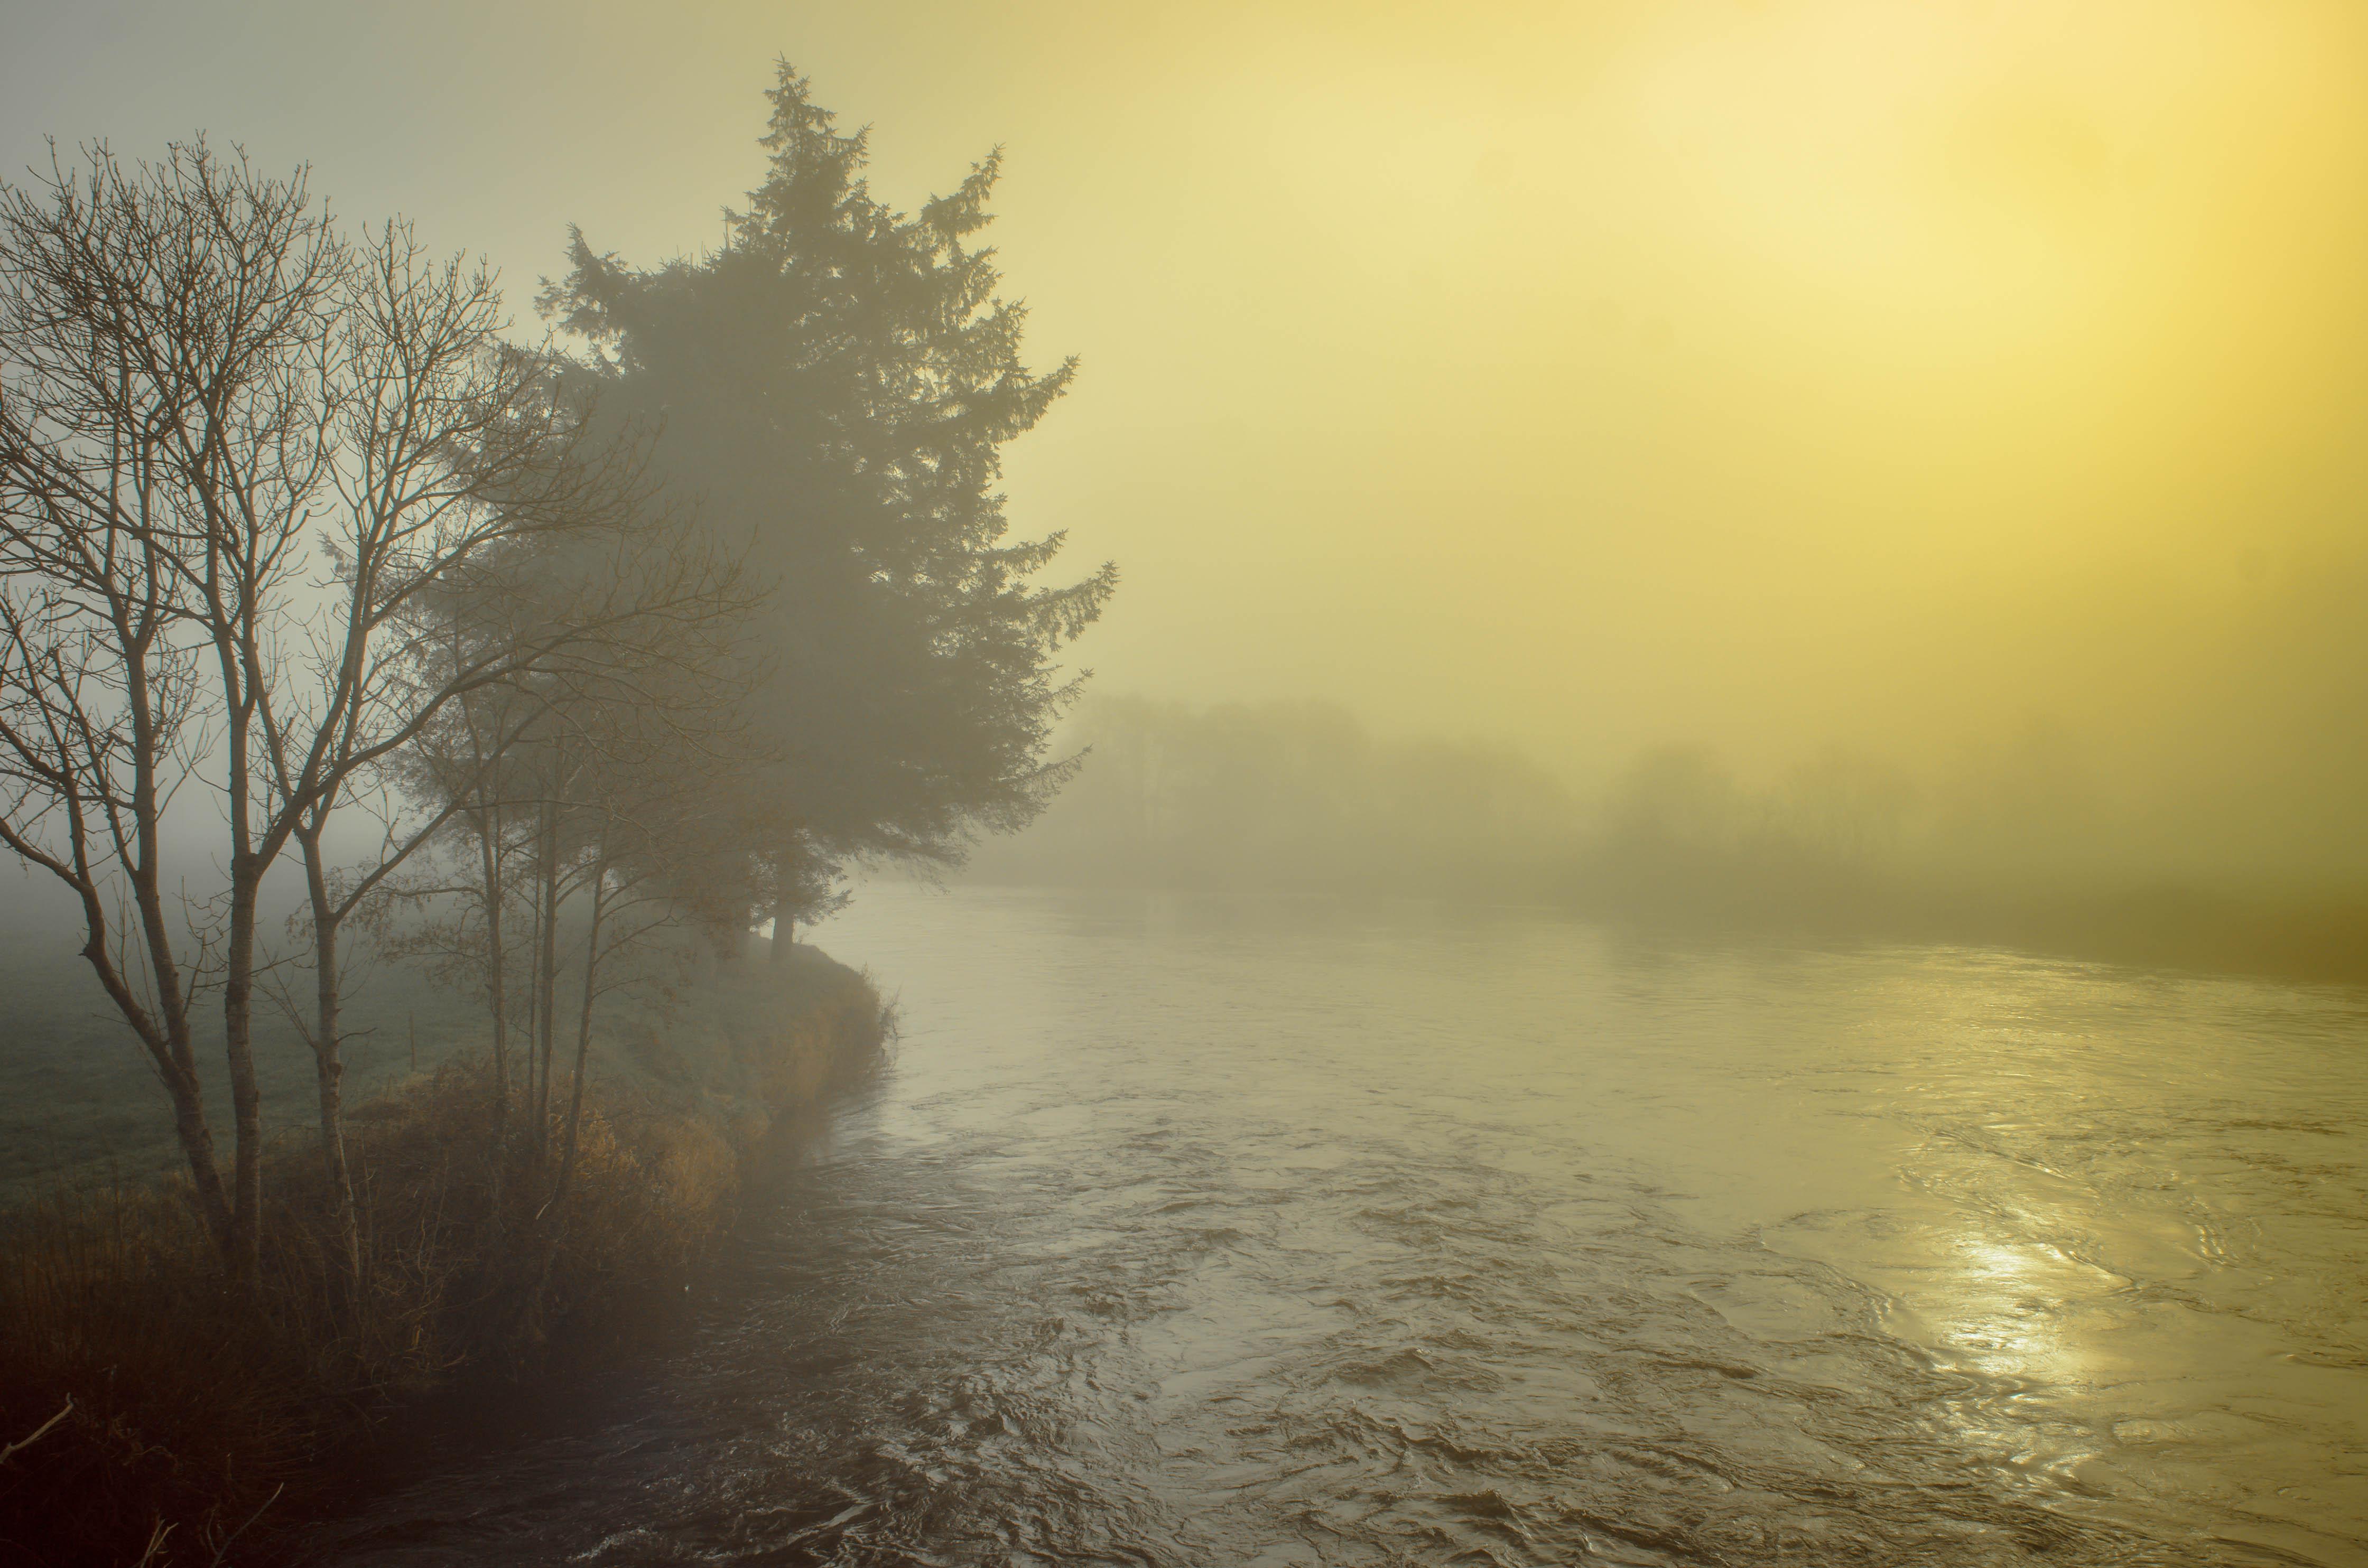 Fond d 39 cran lumi re du soleil paysage le coucher du soleil eau la nature r flexion - Meteo lever et coucher du soleil ...